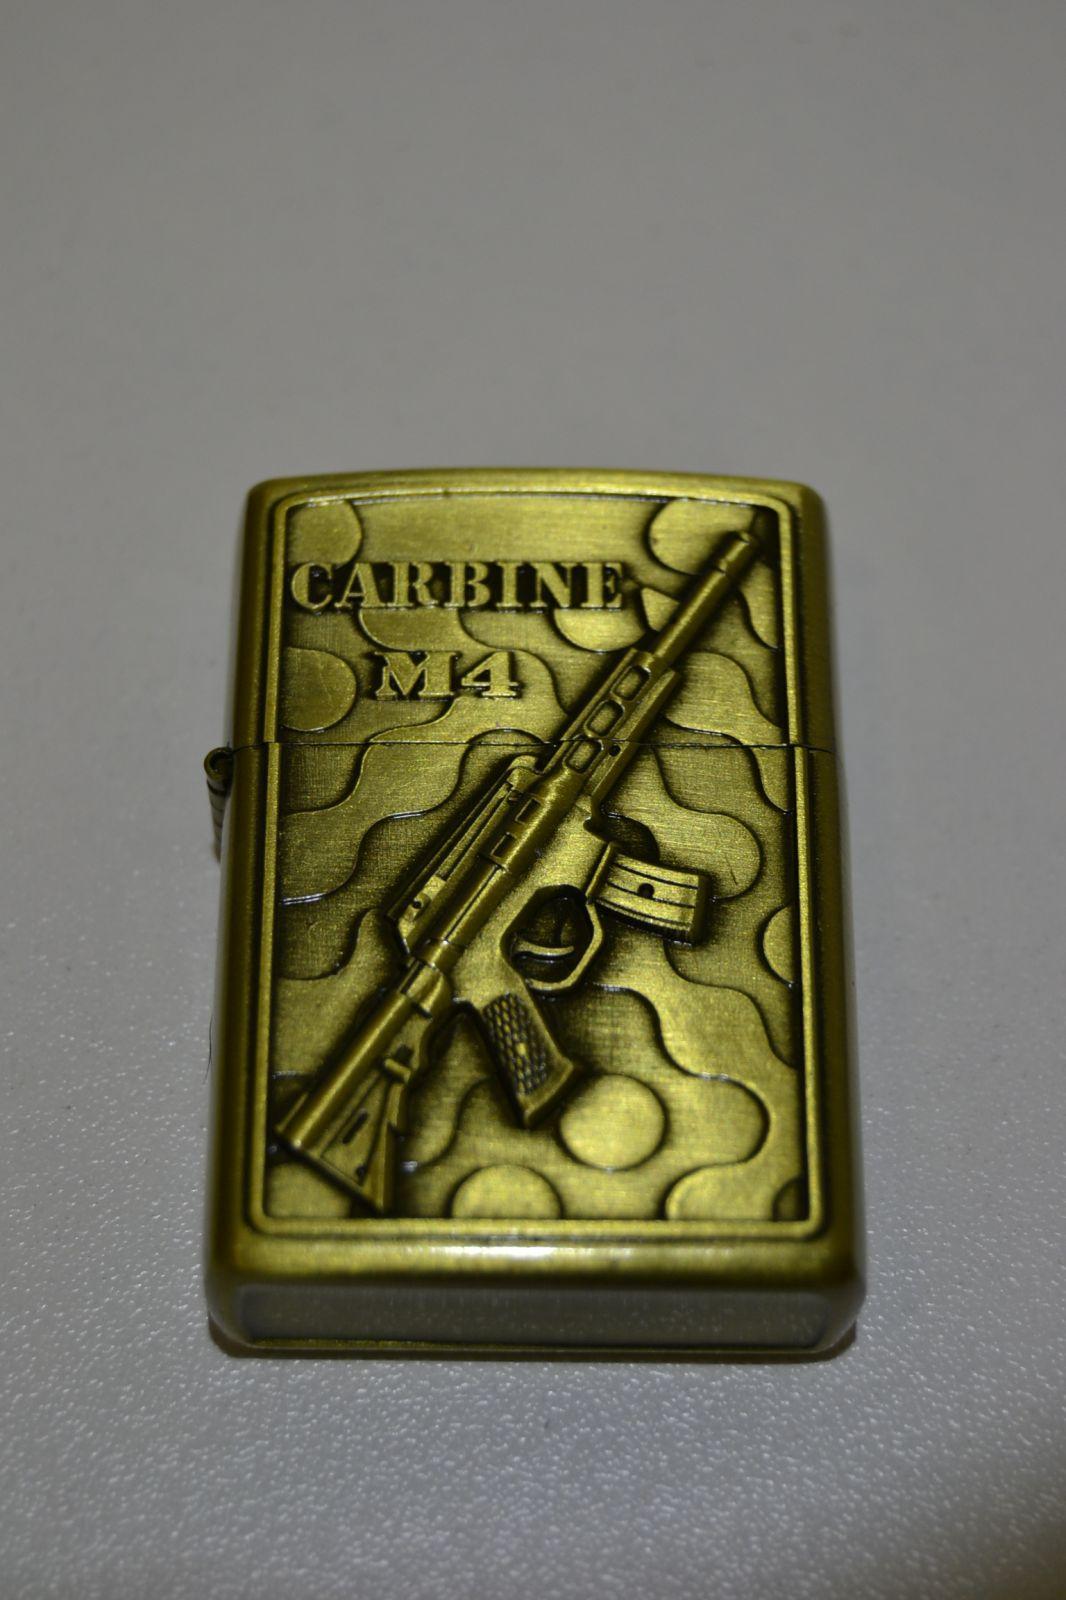 Benzínový zapalovač č. 81 - carabine m4